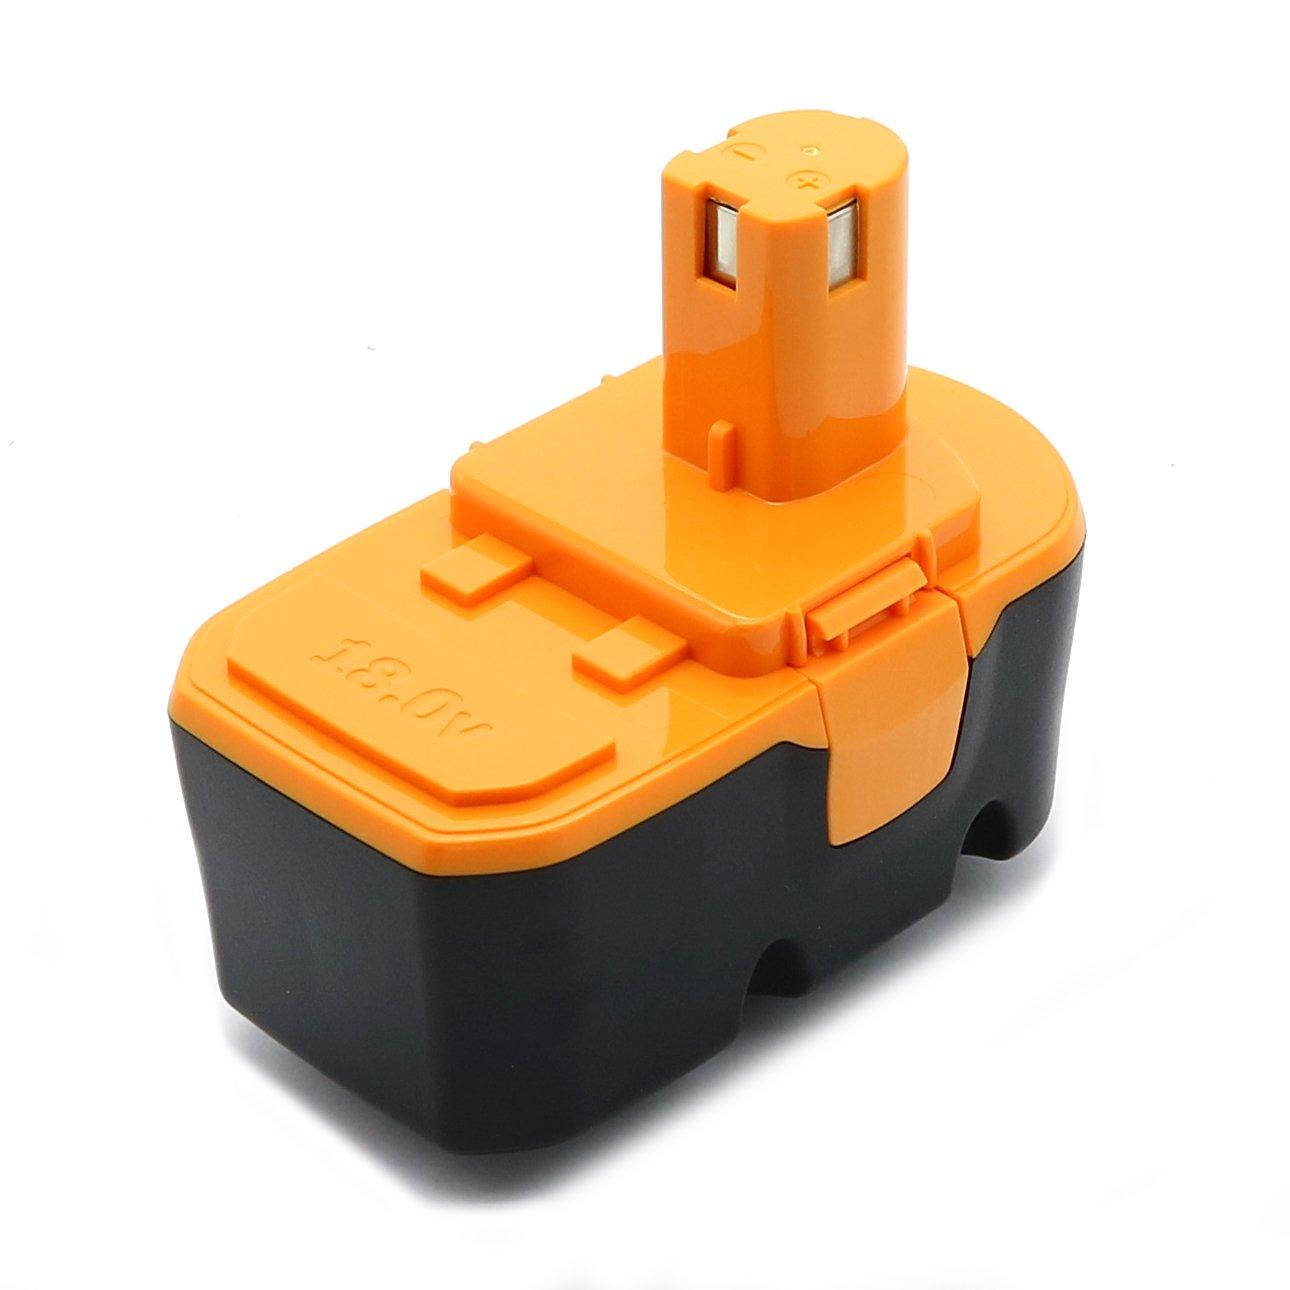 1プラス1 power-ing 18 V 3.0 AH交換用バッテリーRyobi p100 p101 Ryobi 18 Vコードレス電源ツールバッテリー  B077P3Q21S